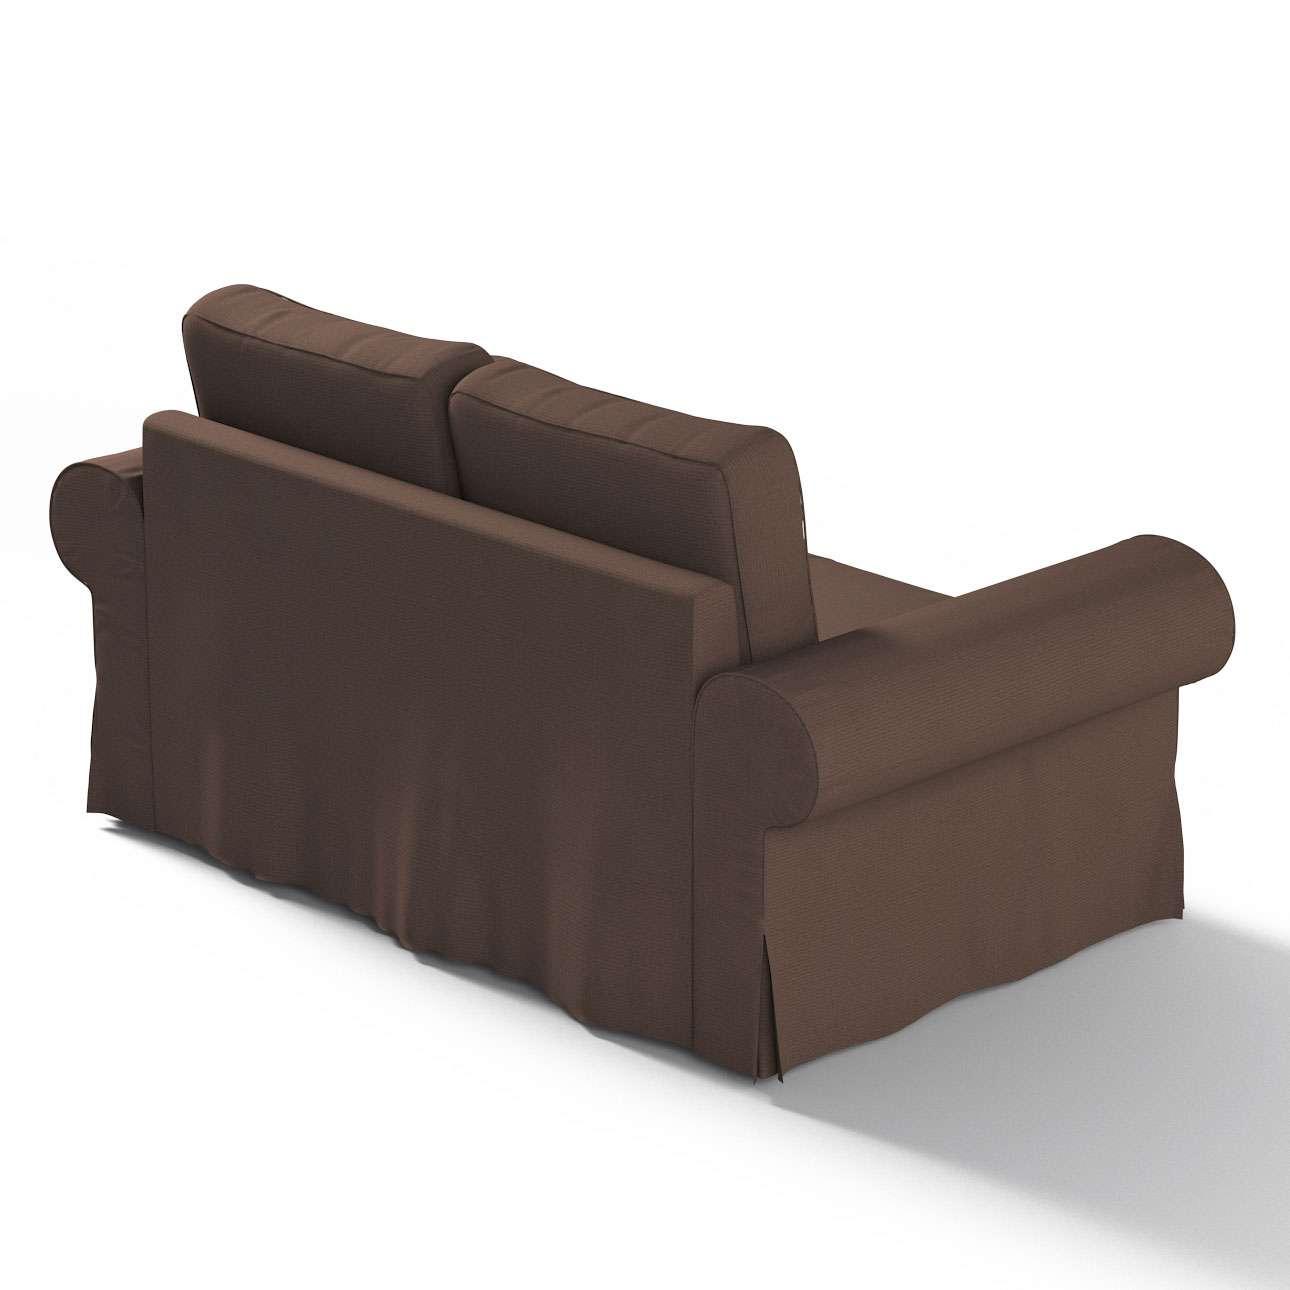 Backabro 2-Sitzer Sofabezug nicht ausklappbar von der Kollektion Etna, Stoff: 705-08